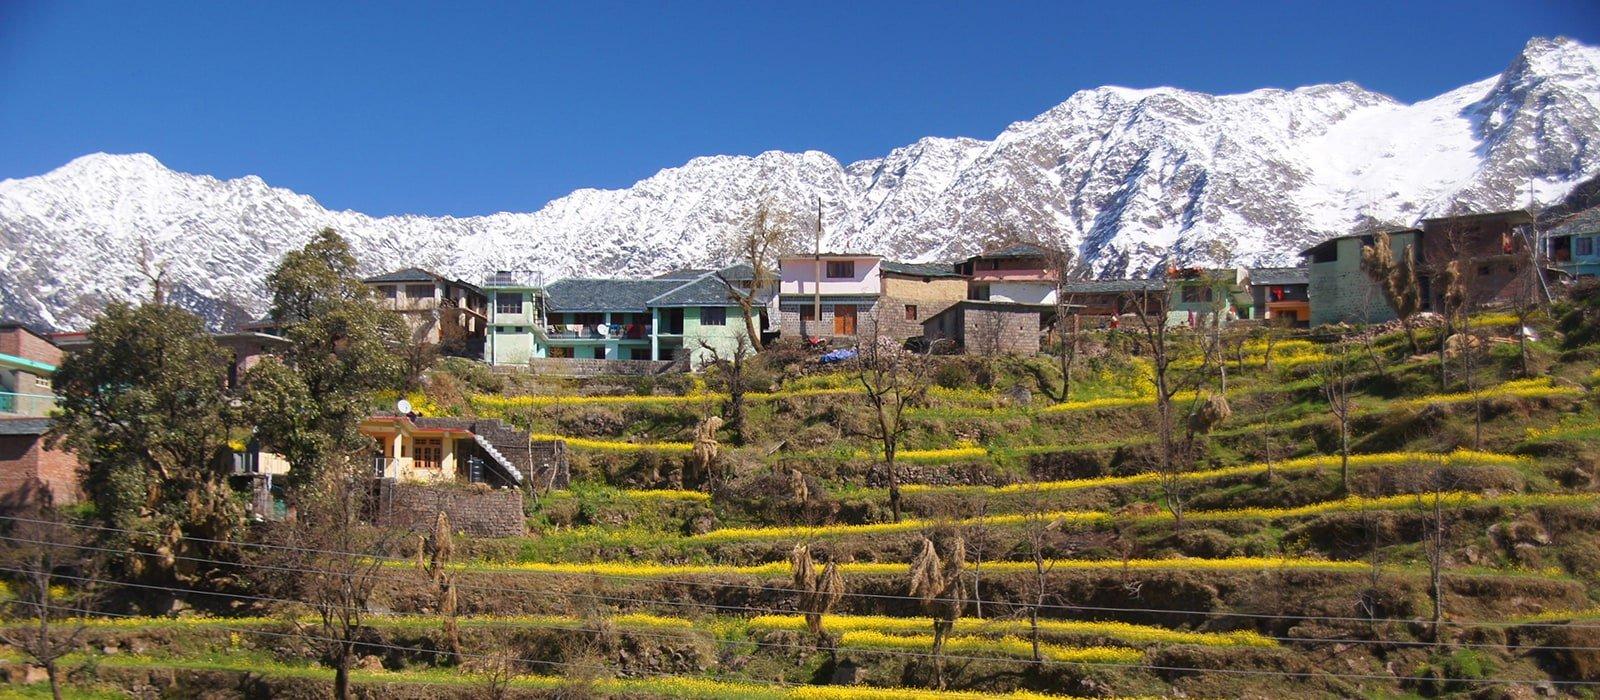 Voyage organisé en petit groupe - Dharamsala - Inde - Agence de voyage Les Routes du Monde